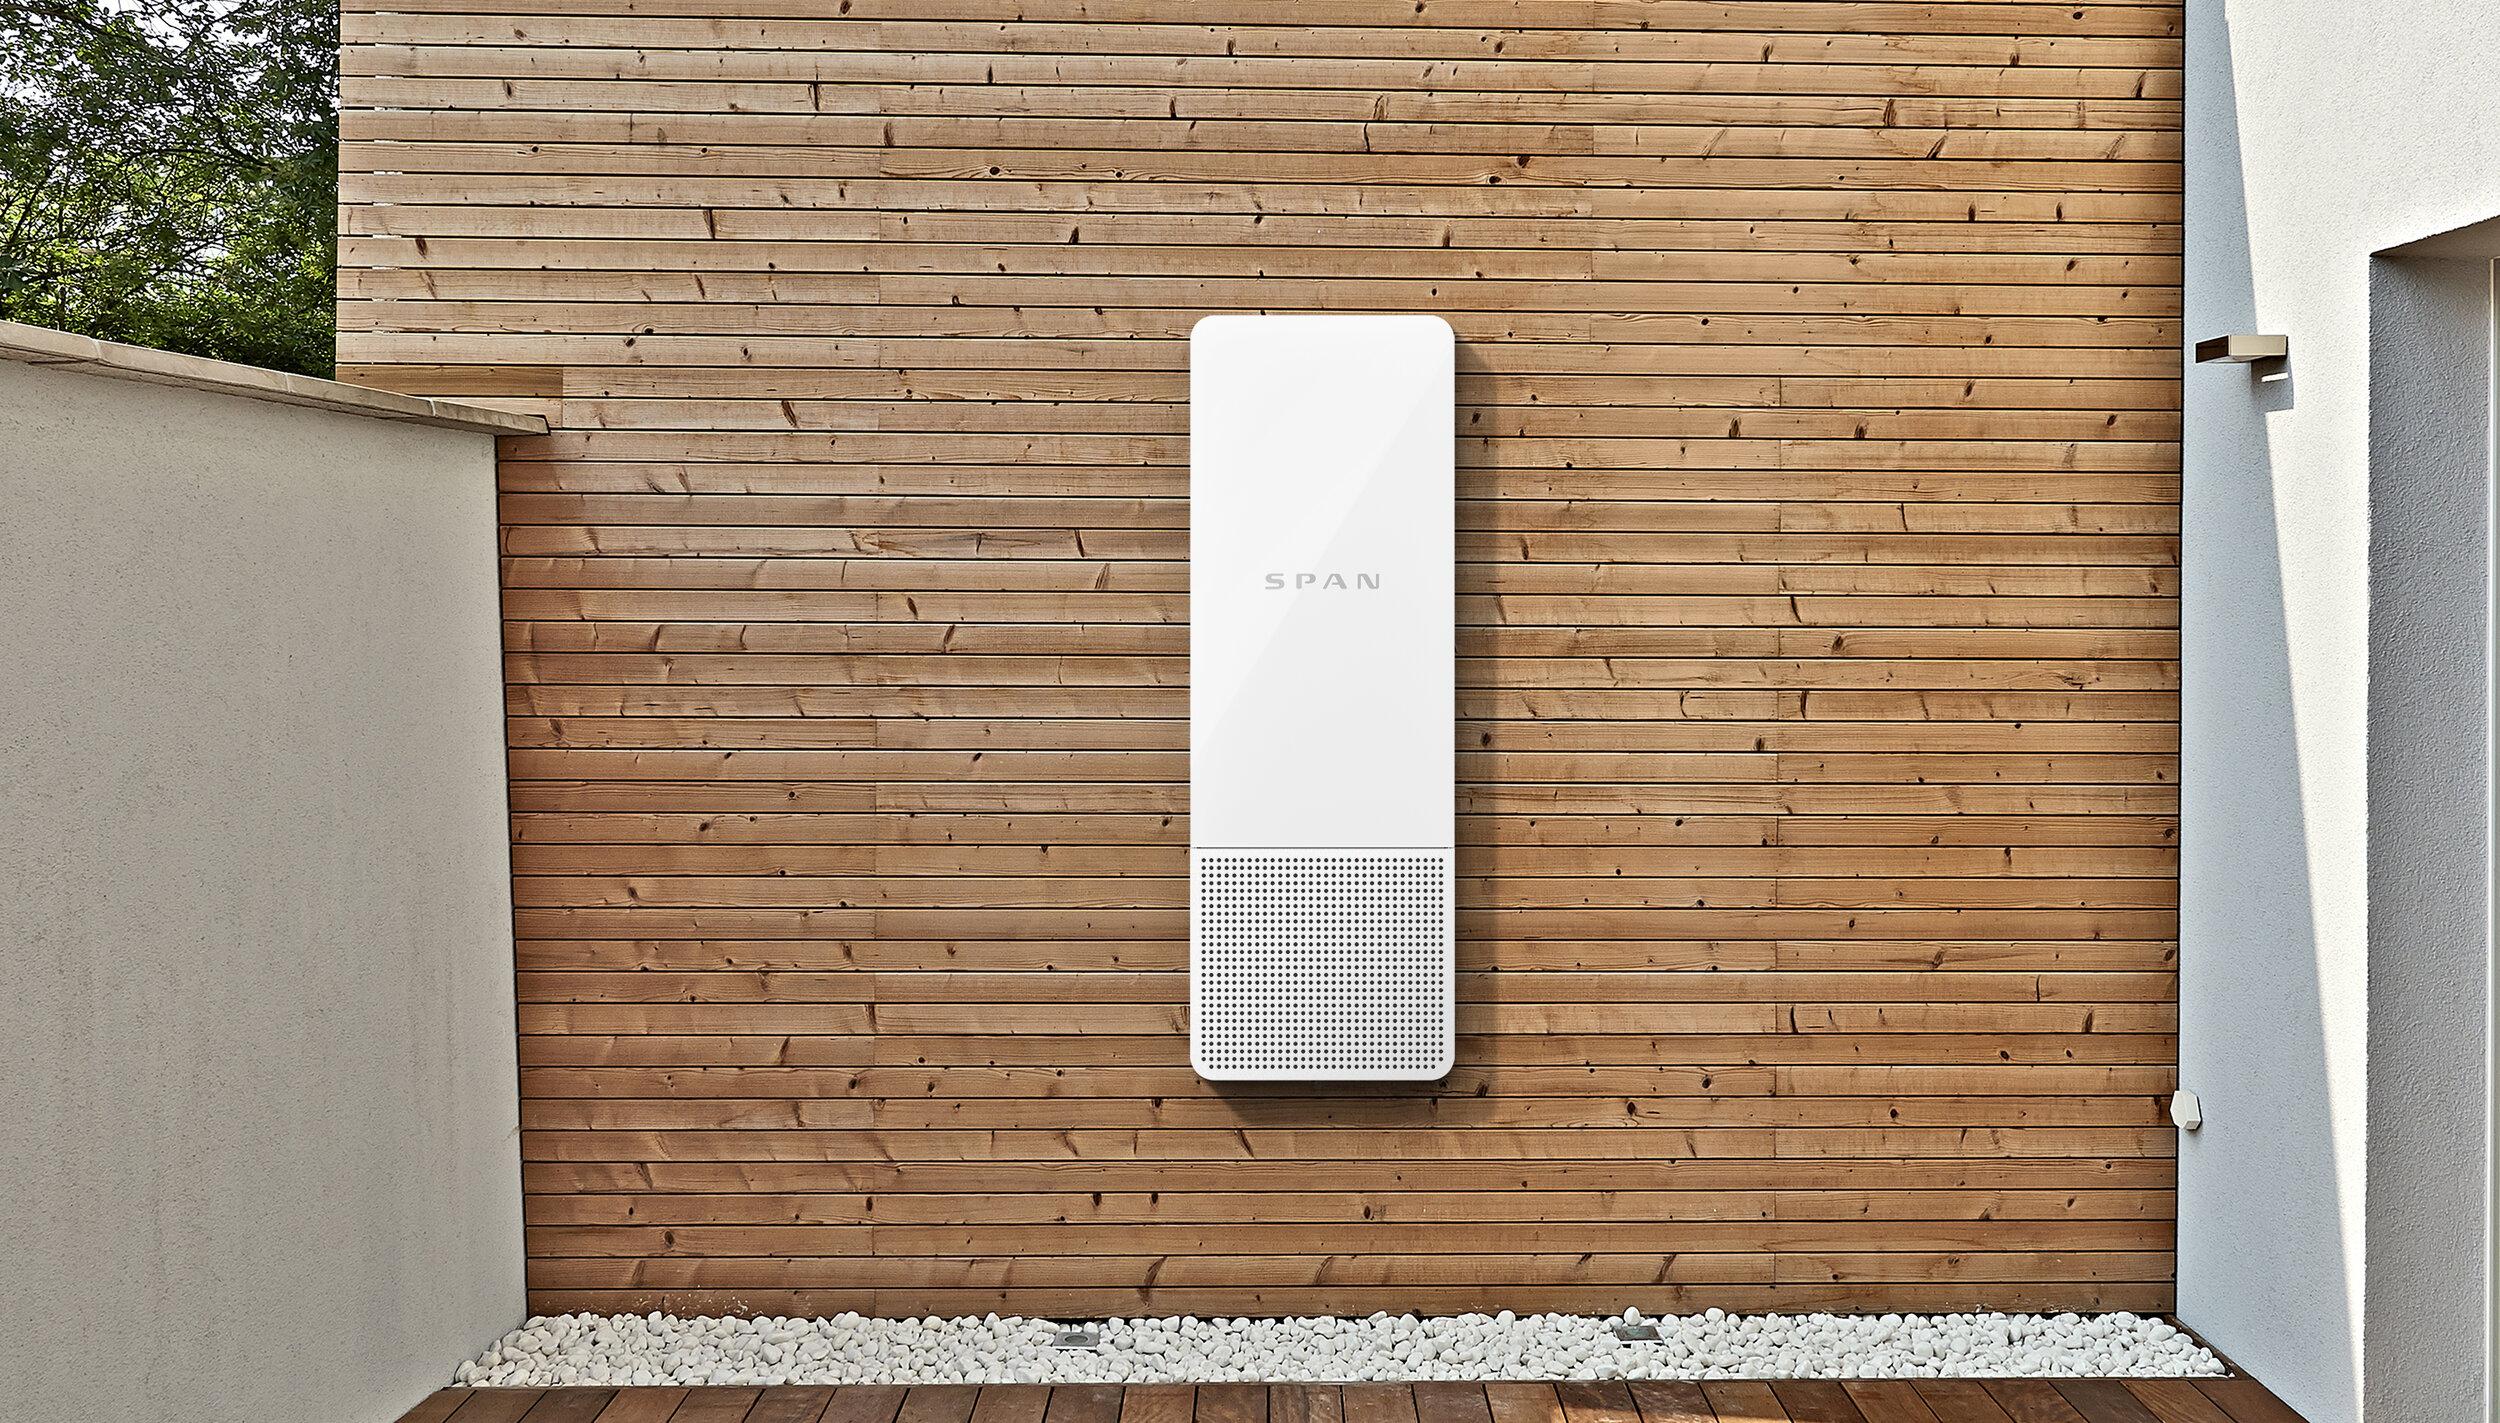 Ex-Tesla Energy Engineer Wants to Change Your Electrical Panel - Bloomberg